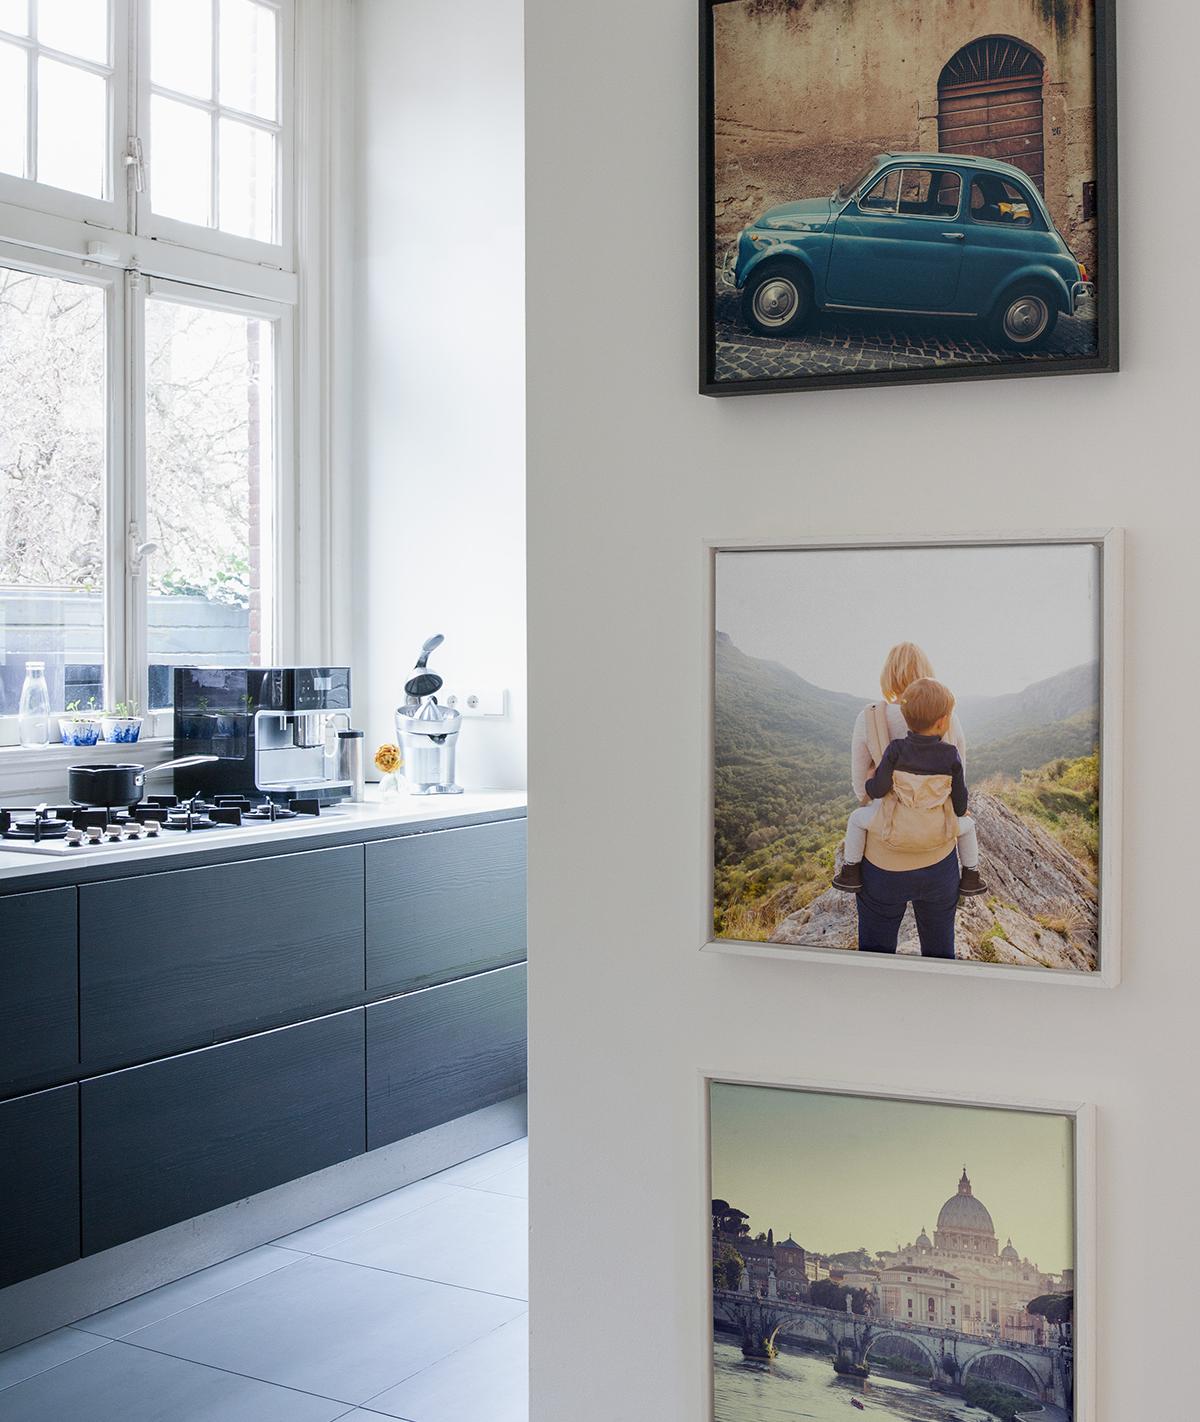 Zo maak je een fotowand en geef je je interieur een nieuwe for Idee fotowand